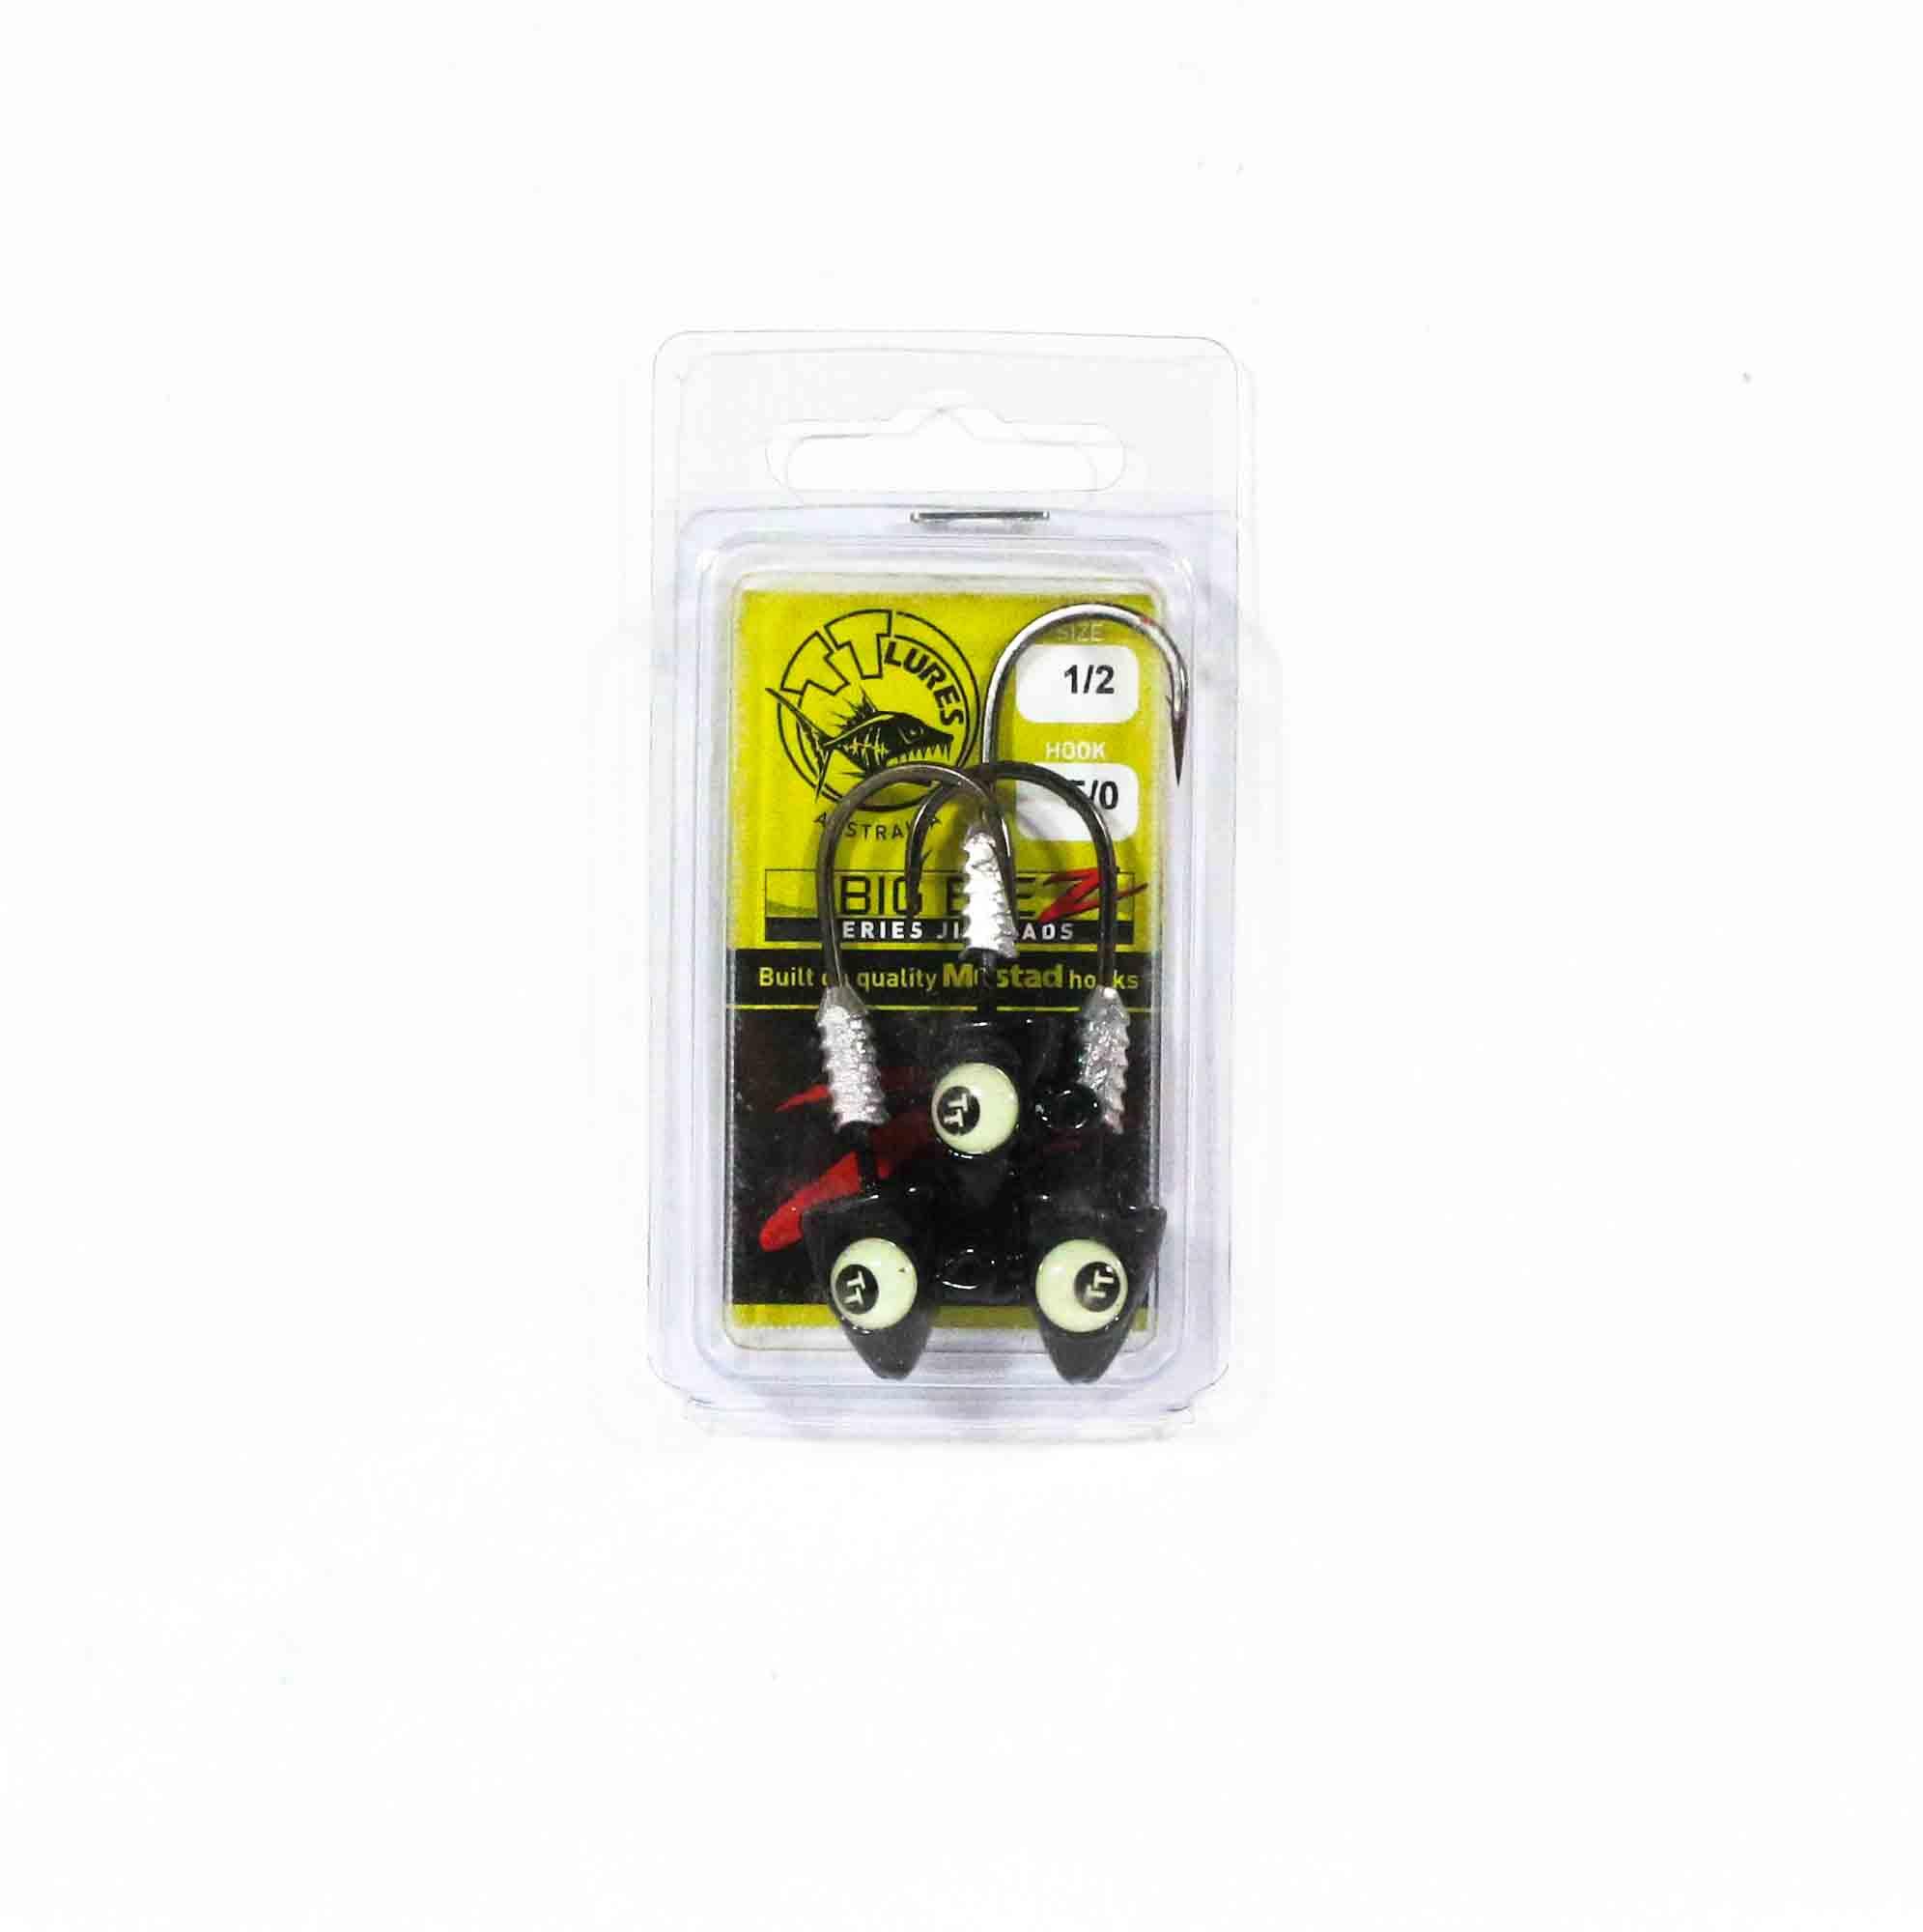 Tackle Tactics TT Big EyeZ Jig Head 1/2 oz 5/0 Black Glow EyeZ (5154)